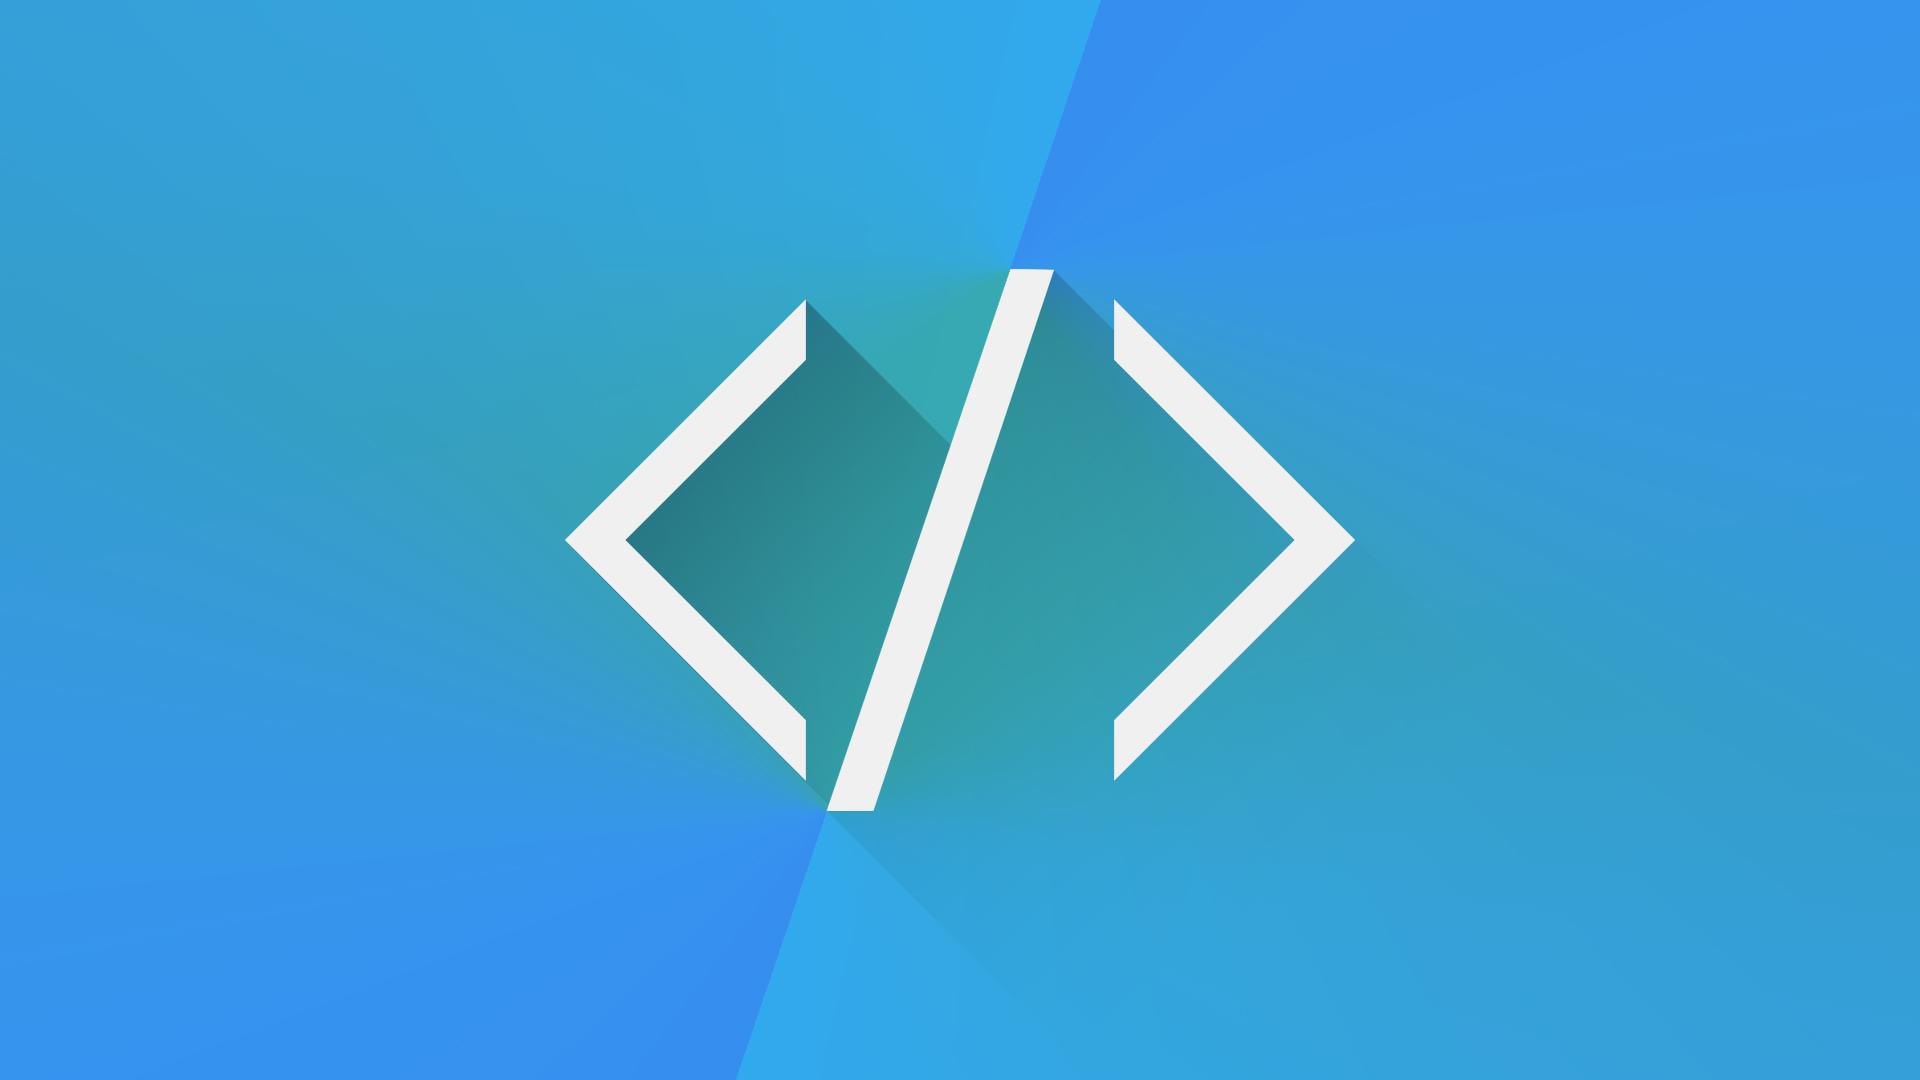 made this Web Developer Wallpaper [1920x1080] fc09deviantartnet 1920x1080